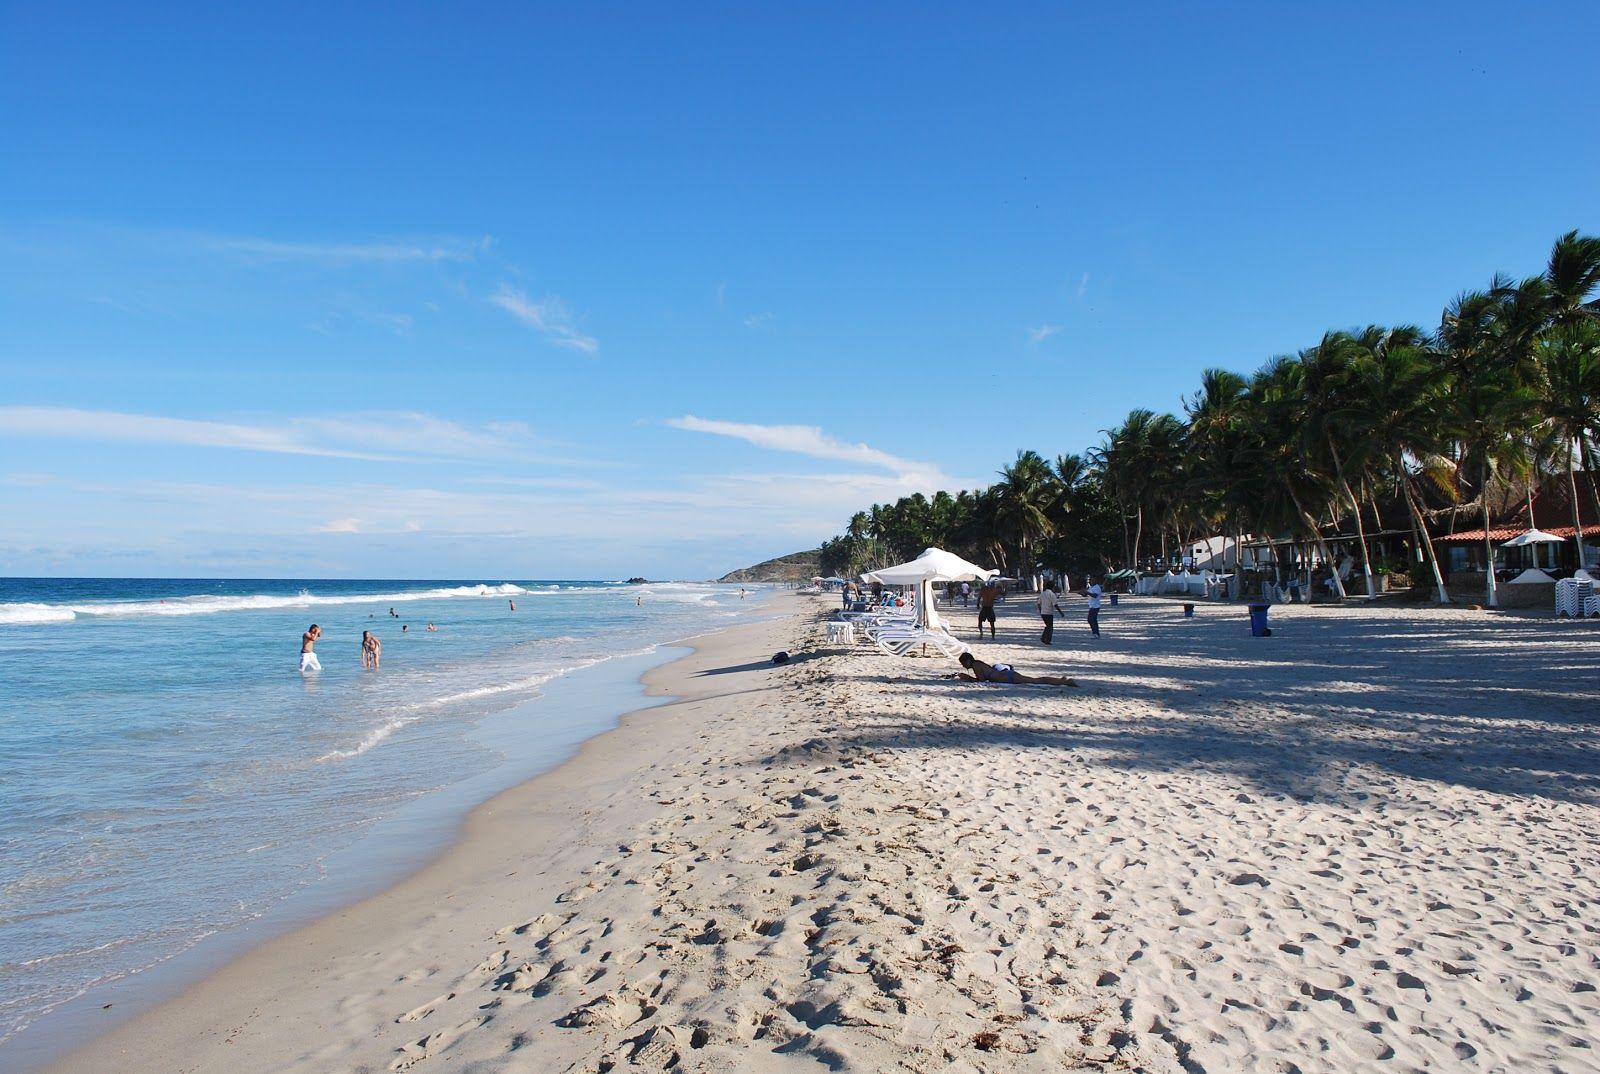 Playa El Agua, la #playa mas popular y una de las mas hermosas de la isla, con un oleaje relativamente fuerte dependiendo de la época del año. Ubicada junto a un bulevar, cuenta con todos los servicios, así como cantidades de restaurantes, hoteles y tiendas.